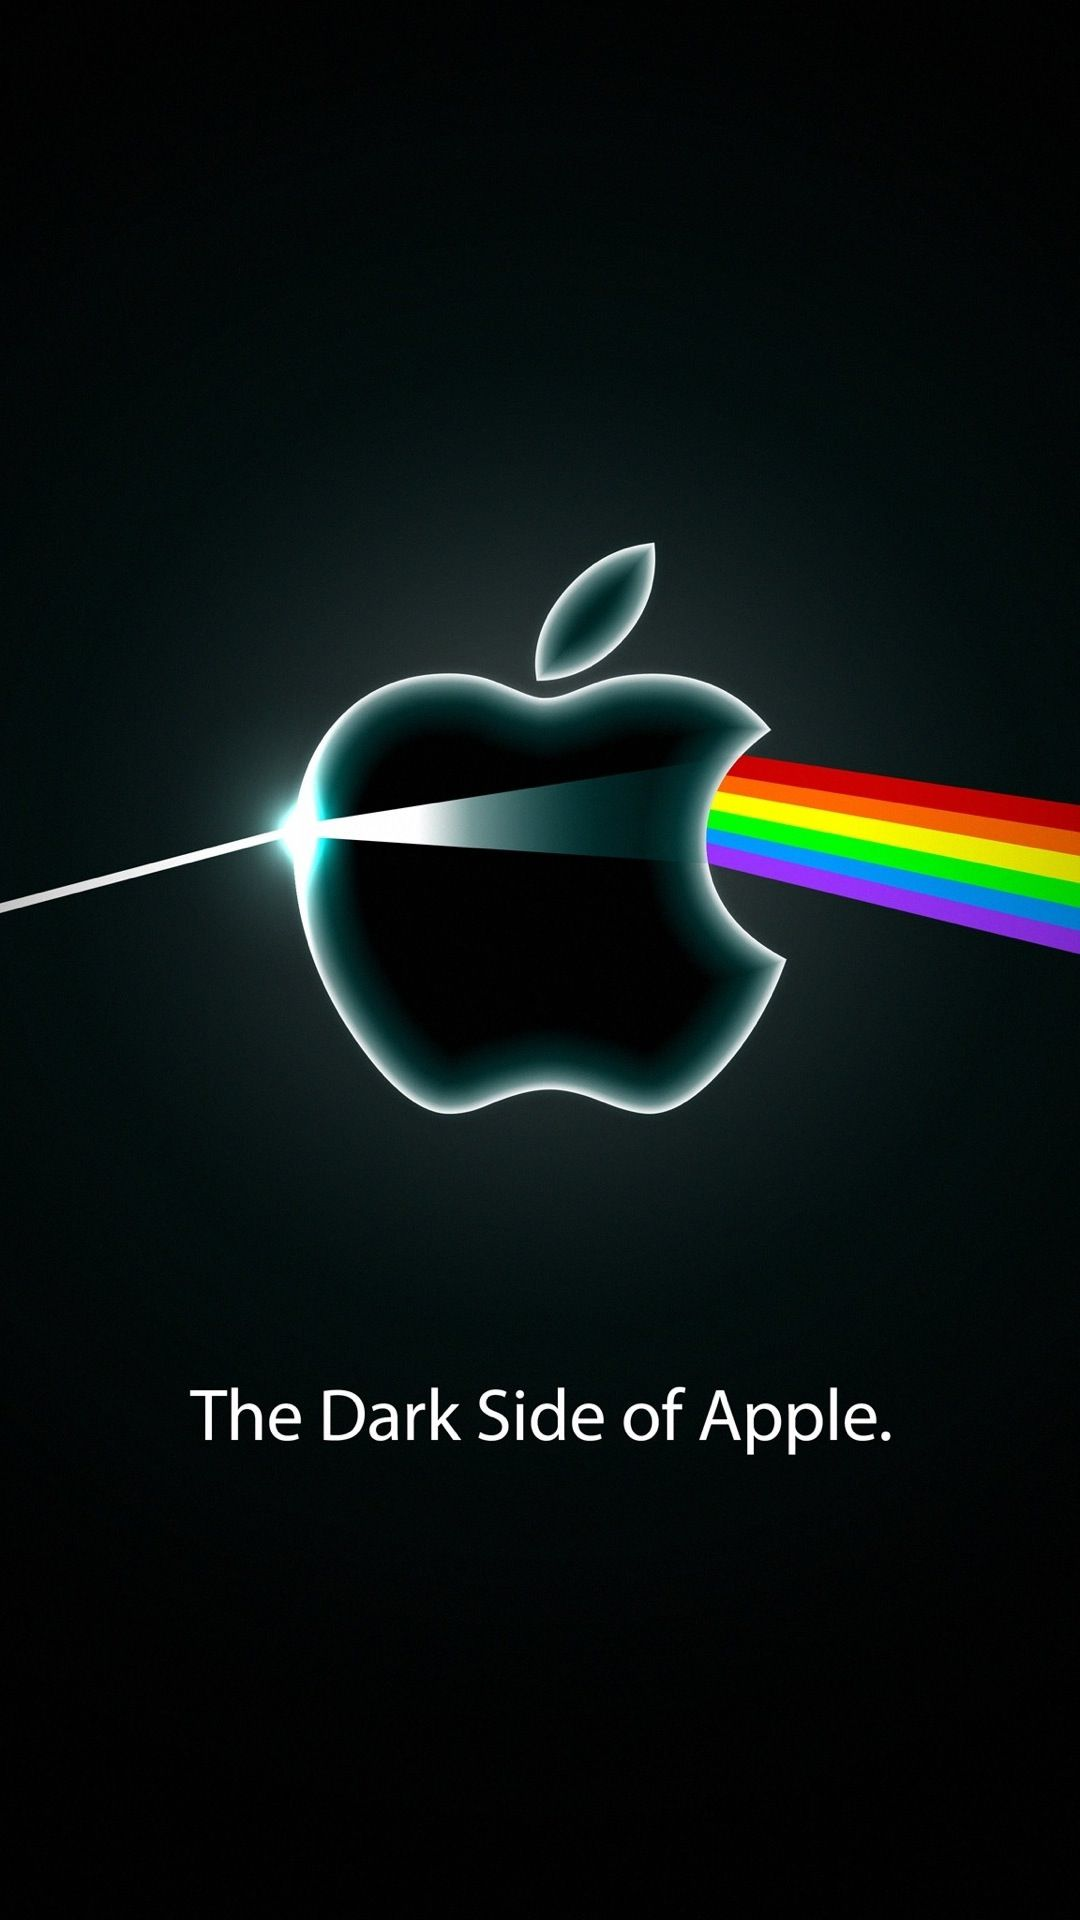 The Dark Side Of Apple Iphone 5壁紙 壁紙 アップルの壁紙